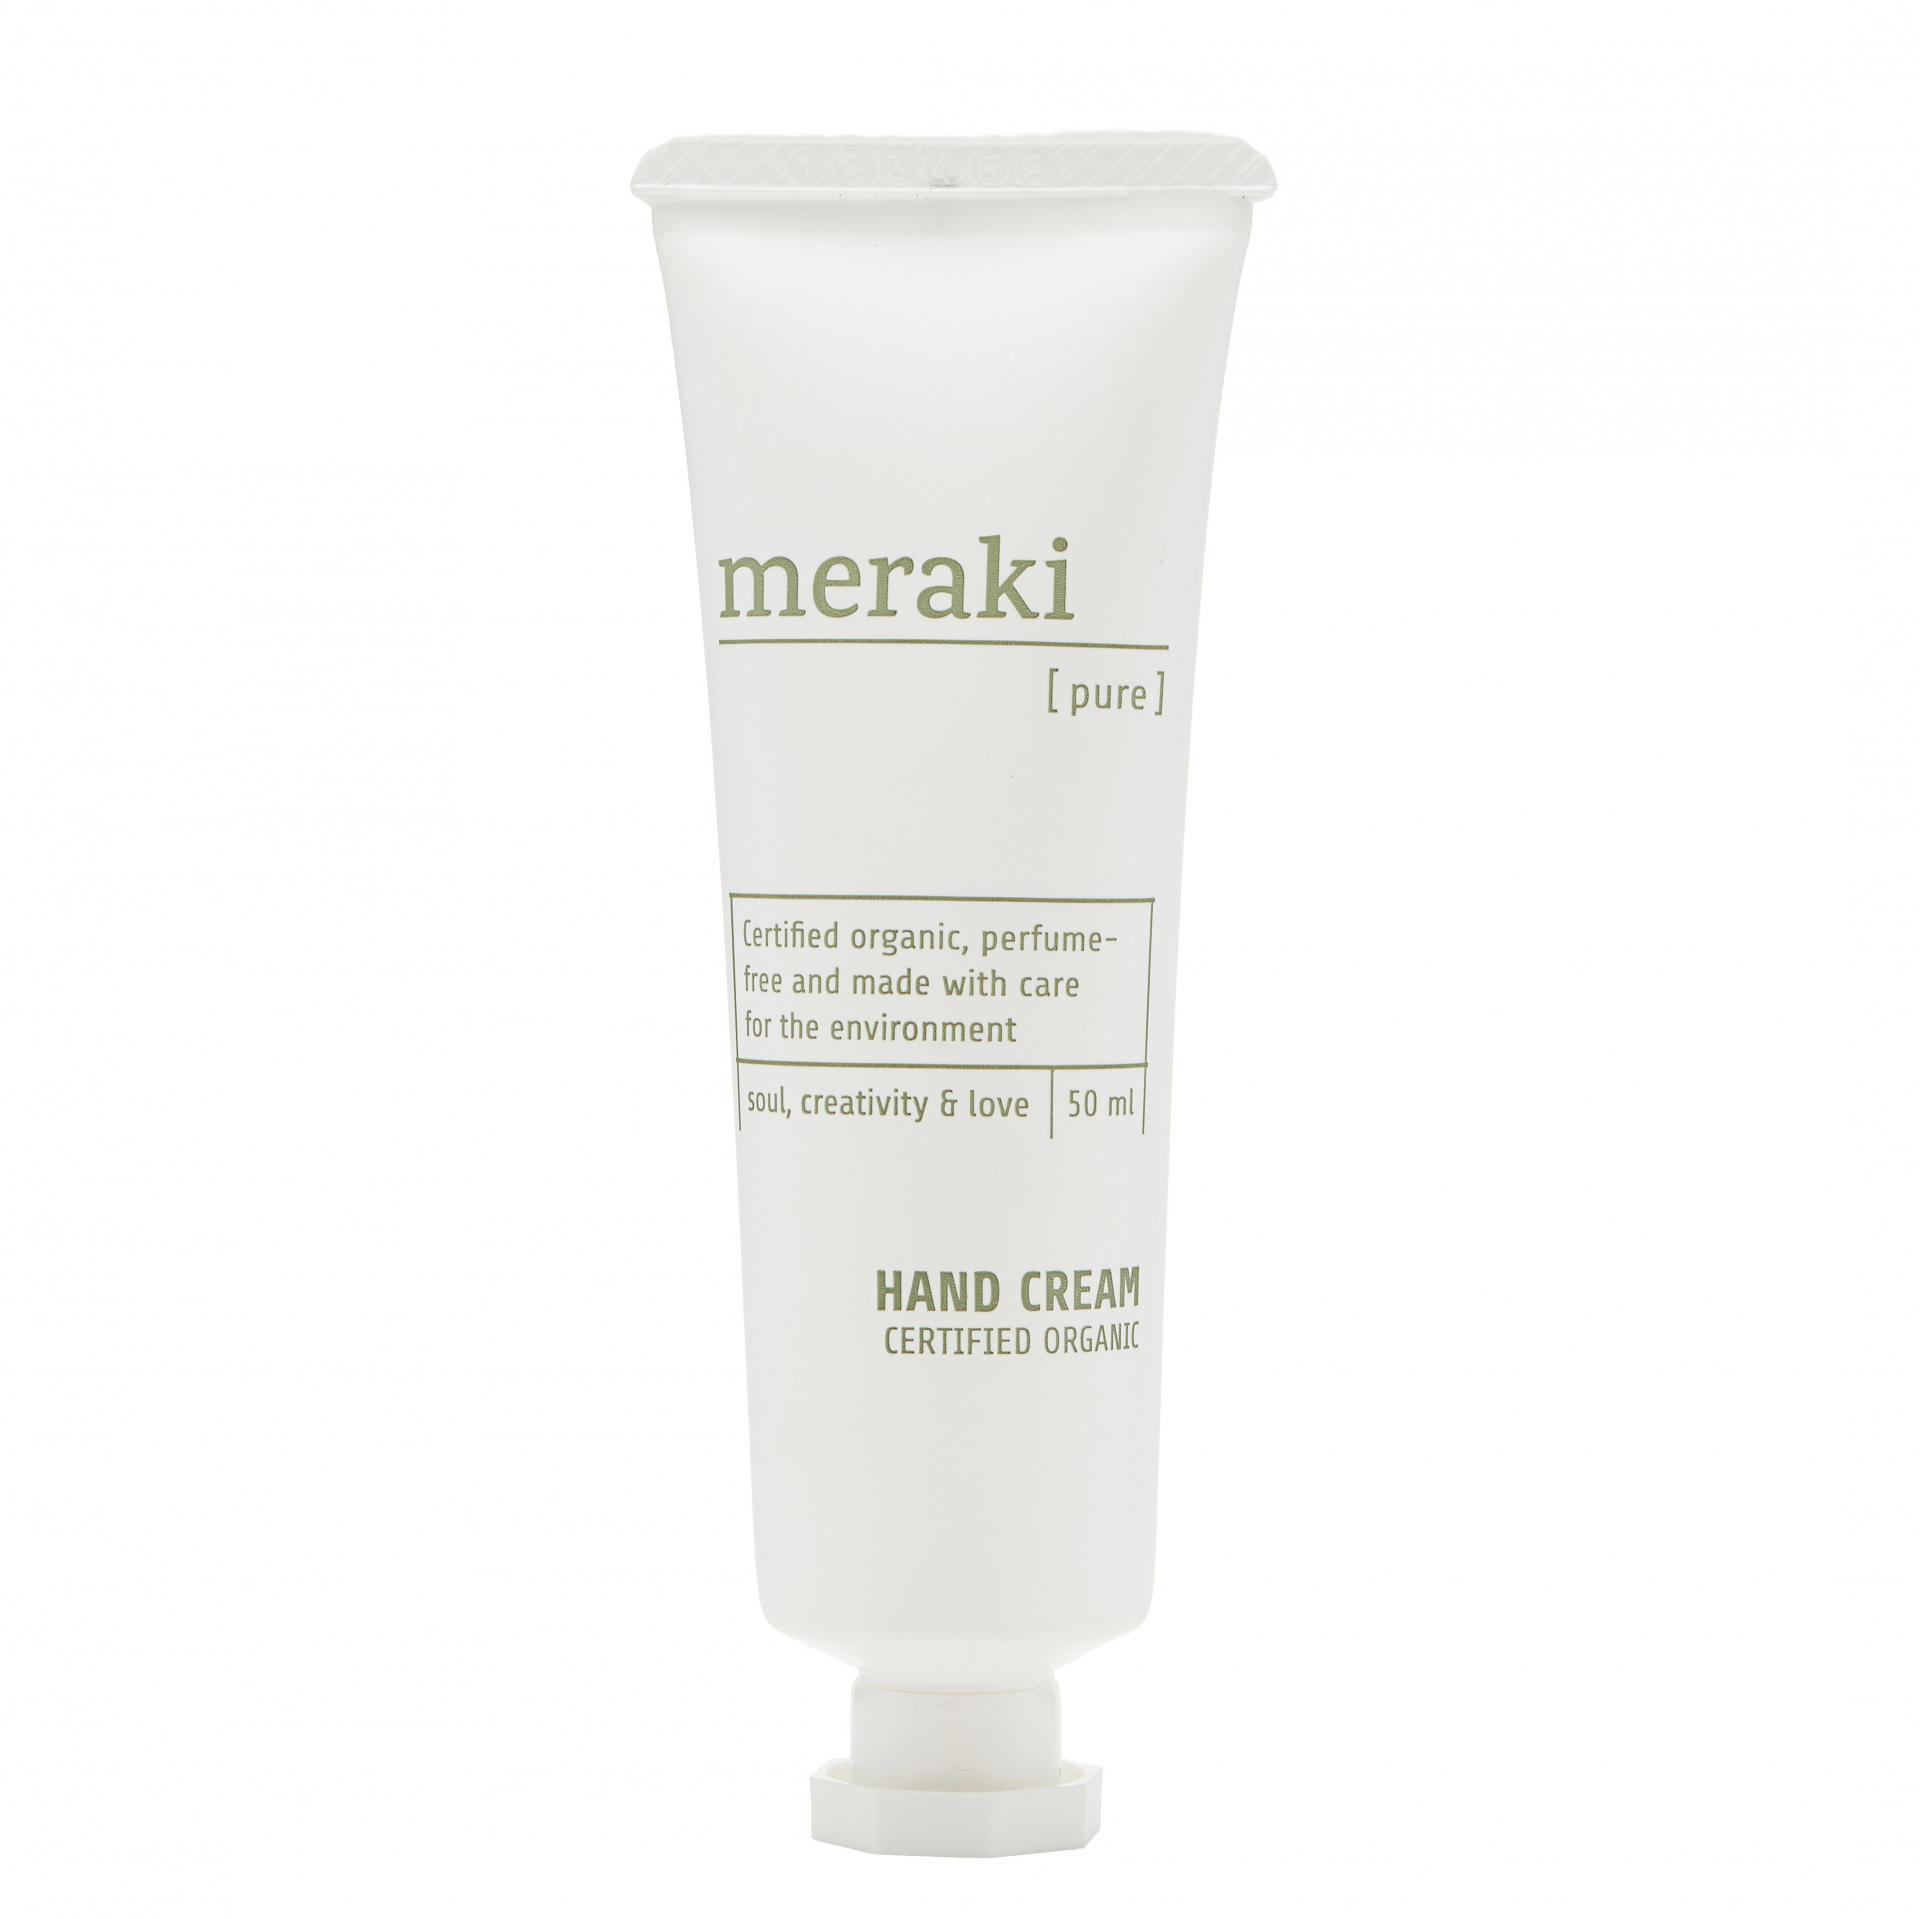 meraki Přírodní krém na ruce Meraki Pure 50 ml, bílá barva, plast